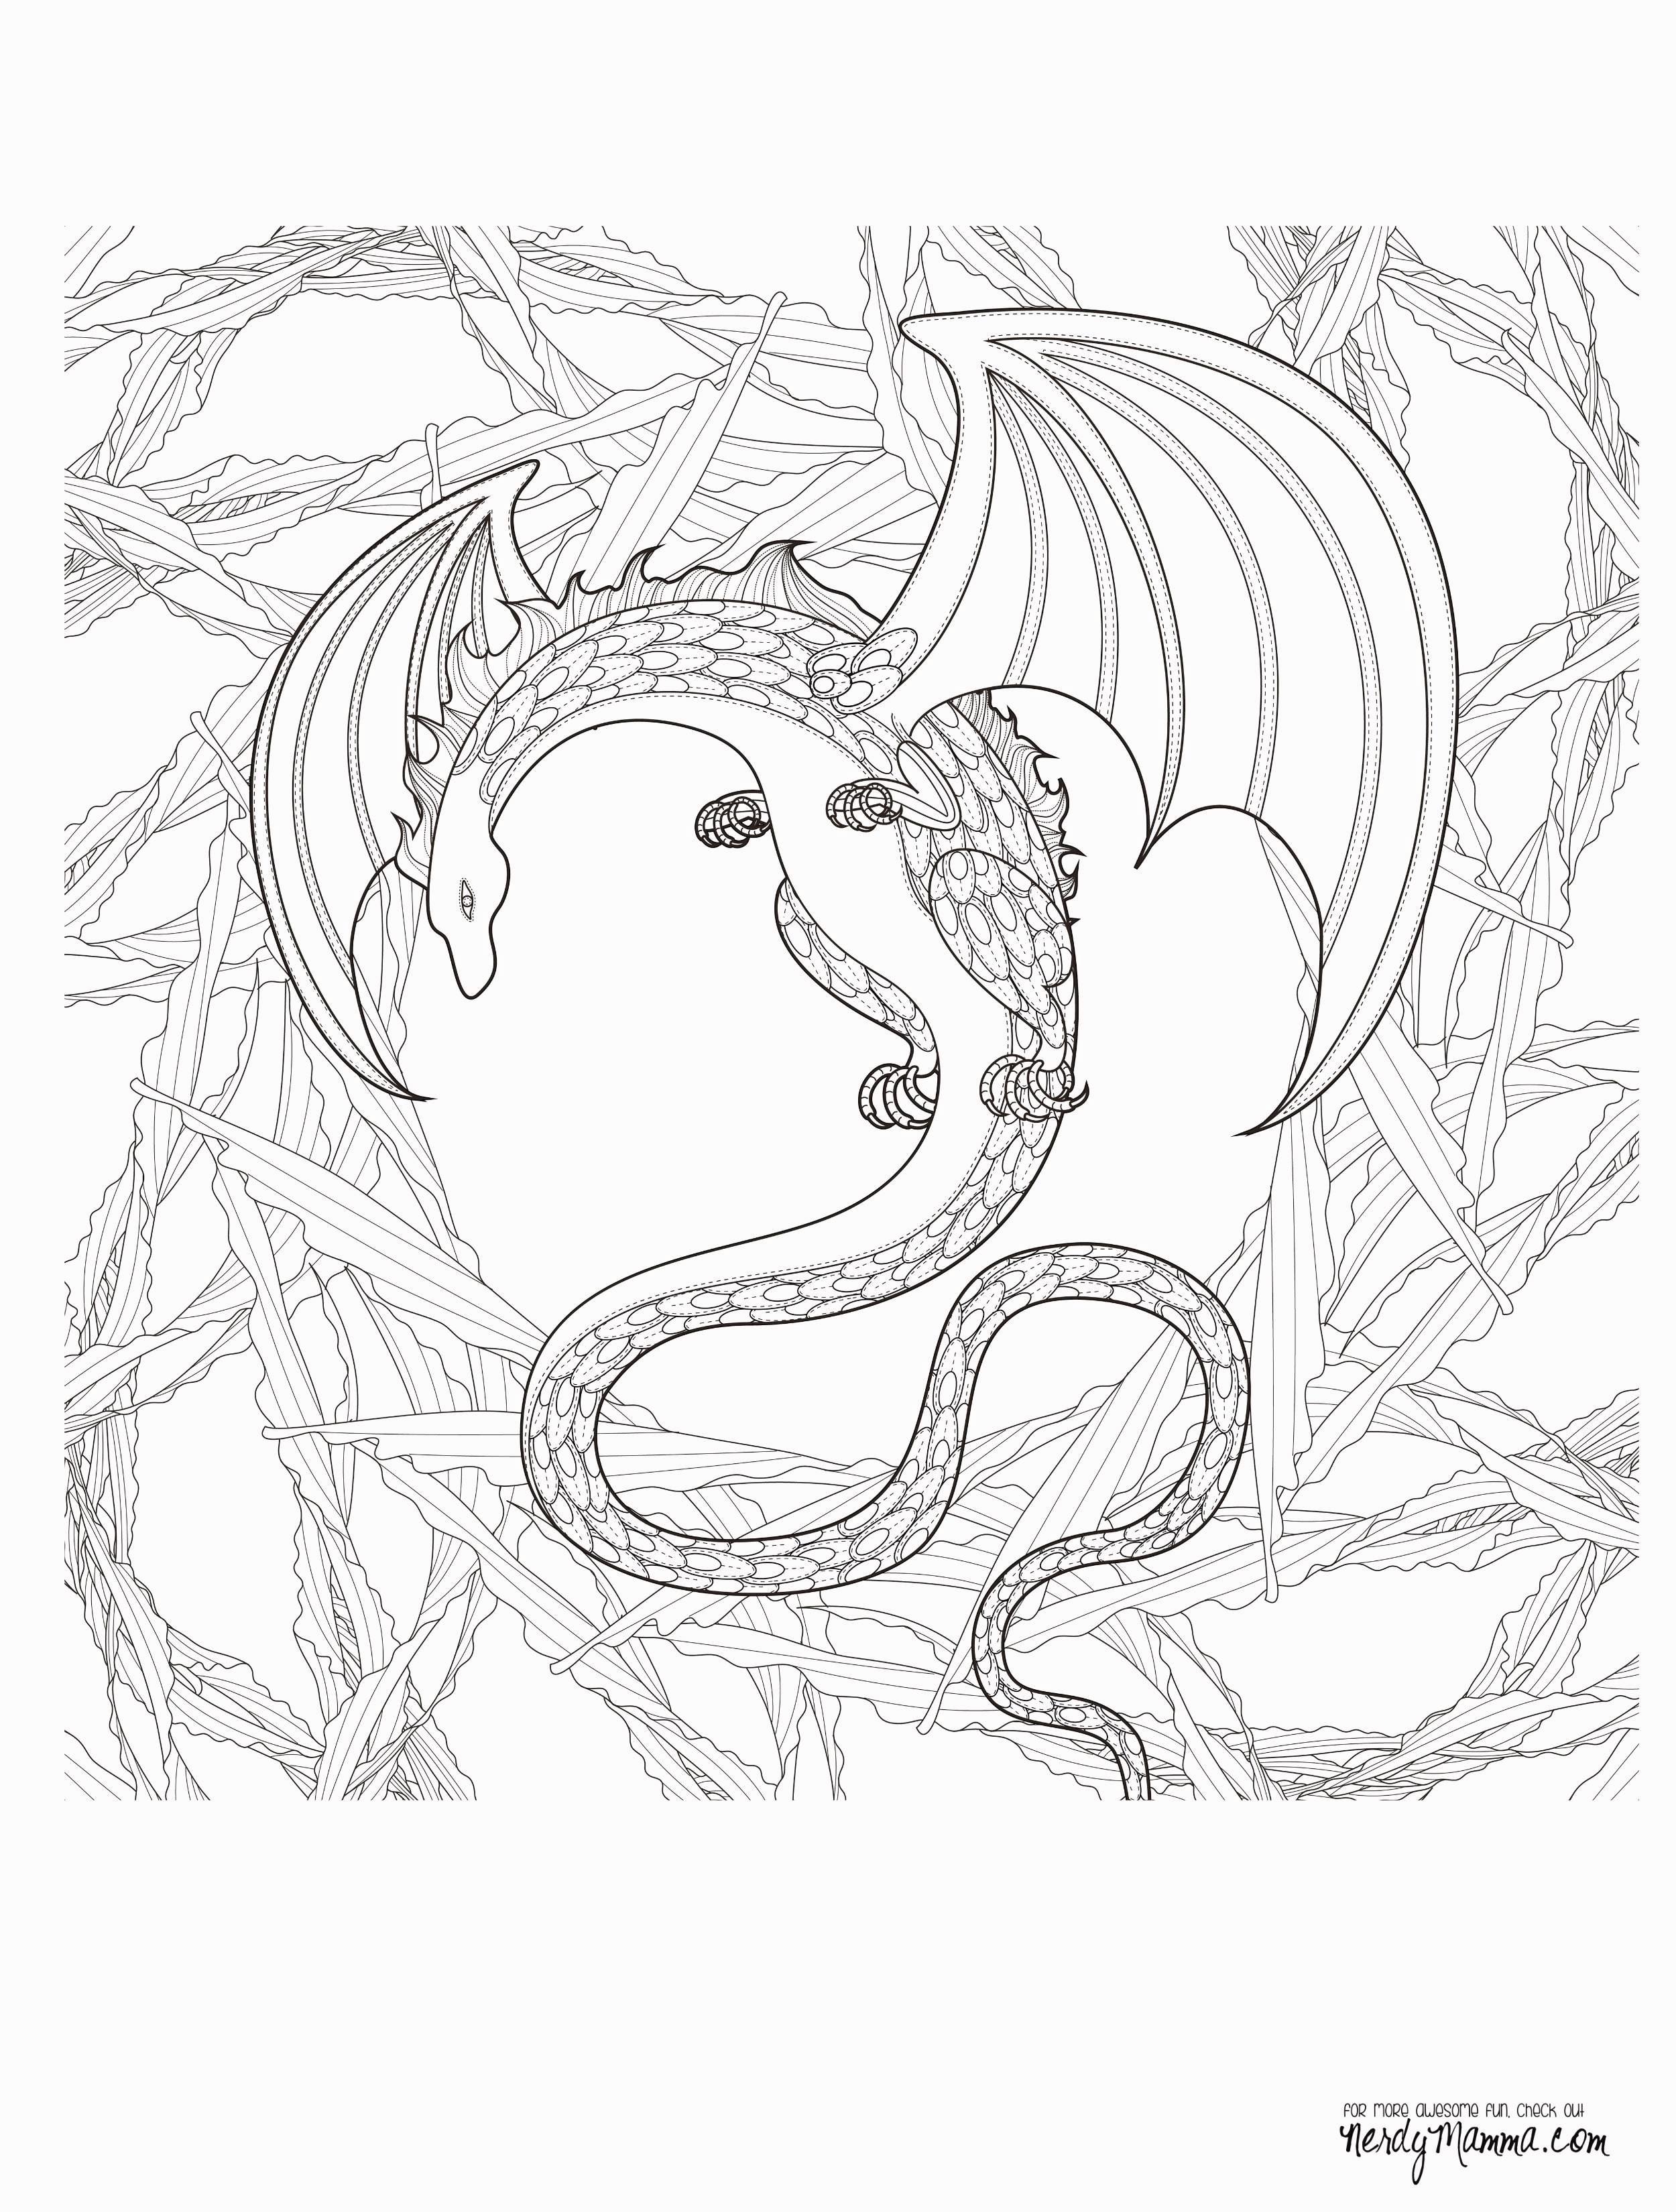 Ausmalbilder thema Wald Neu Ausmalbilder Tiere Im Wald Neu Malvorlagen Igel Einzigartig Igel Bilder